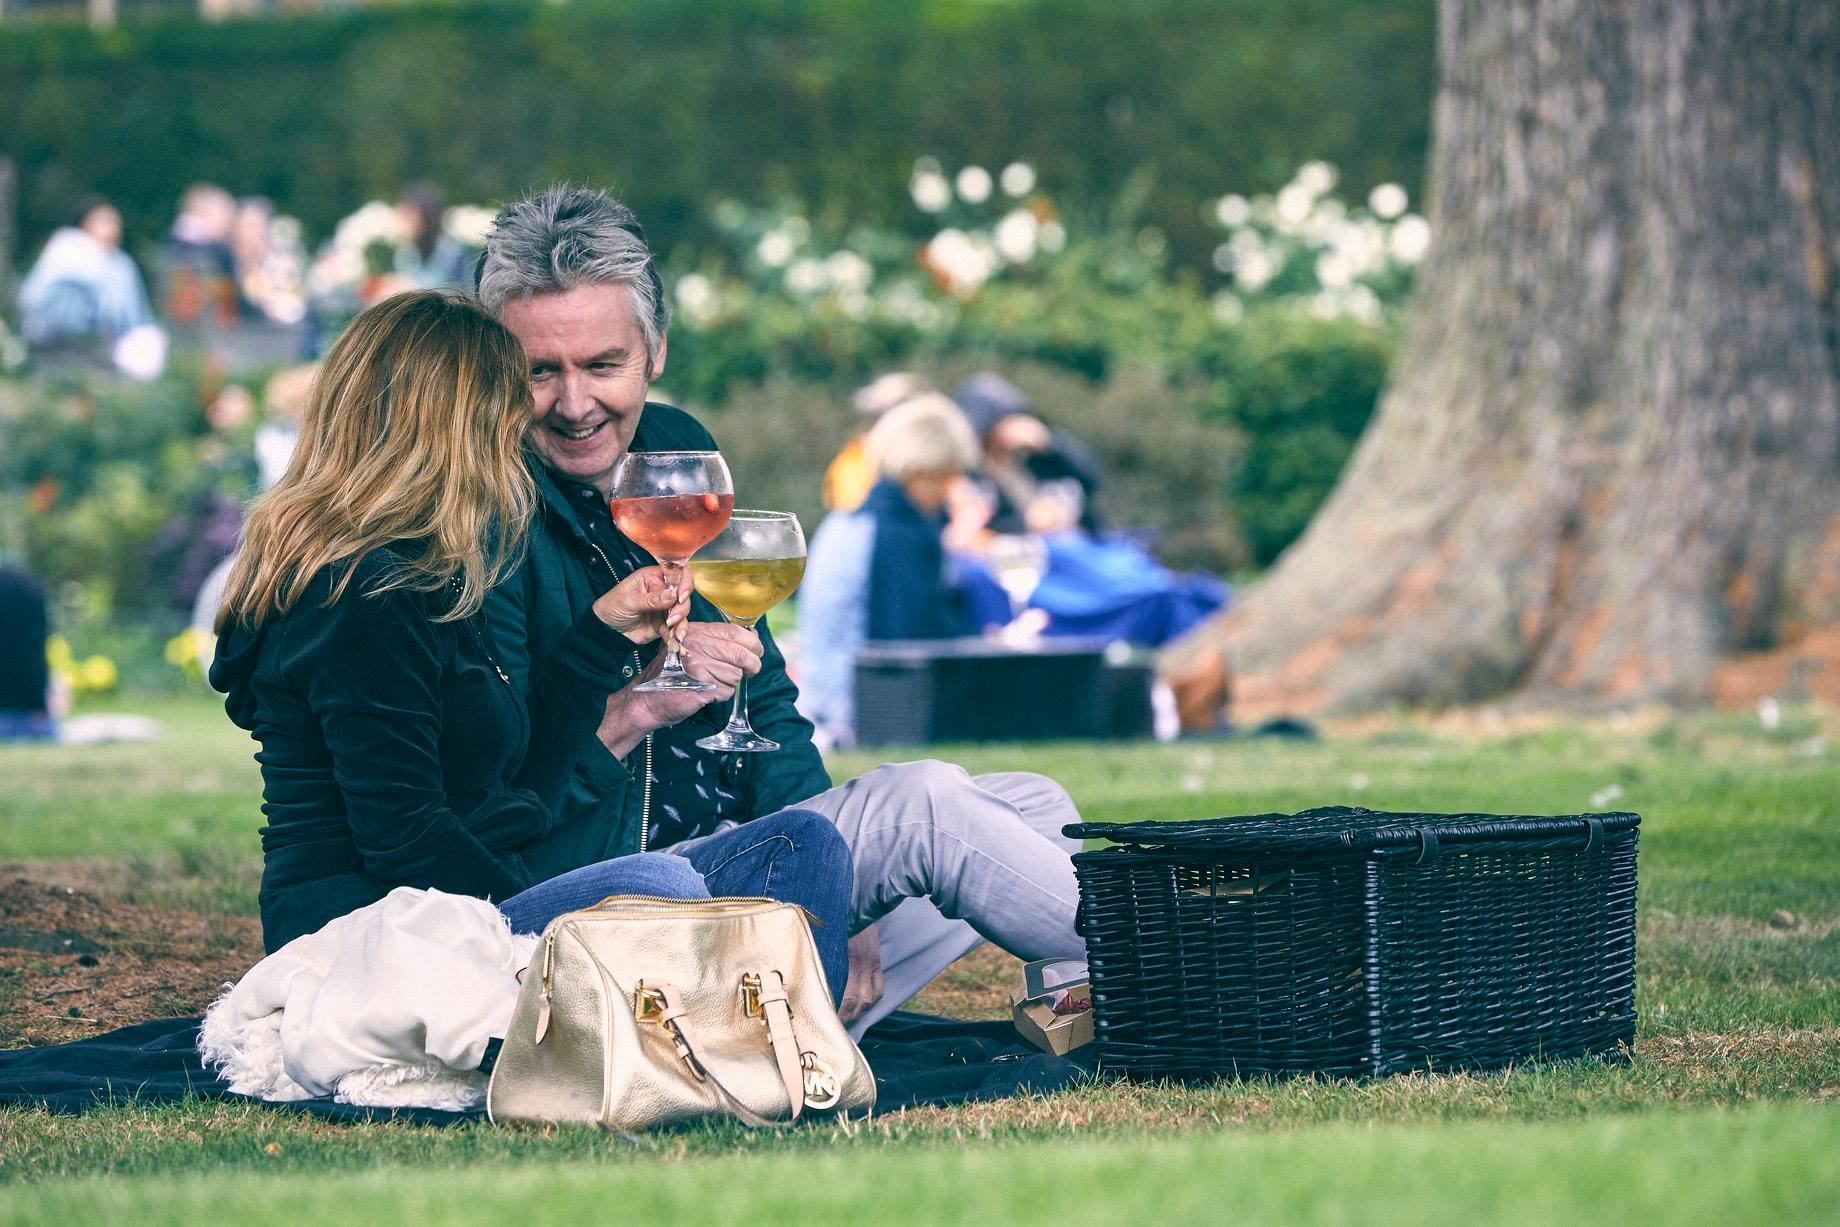 burleighs picnic